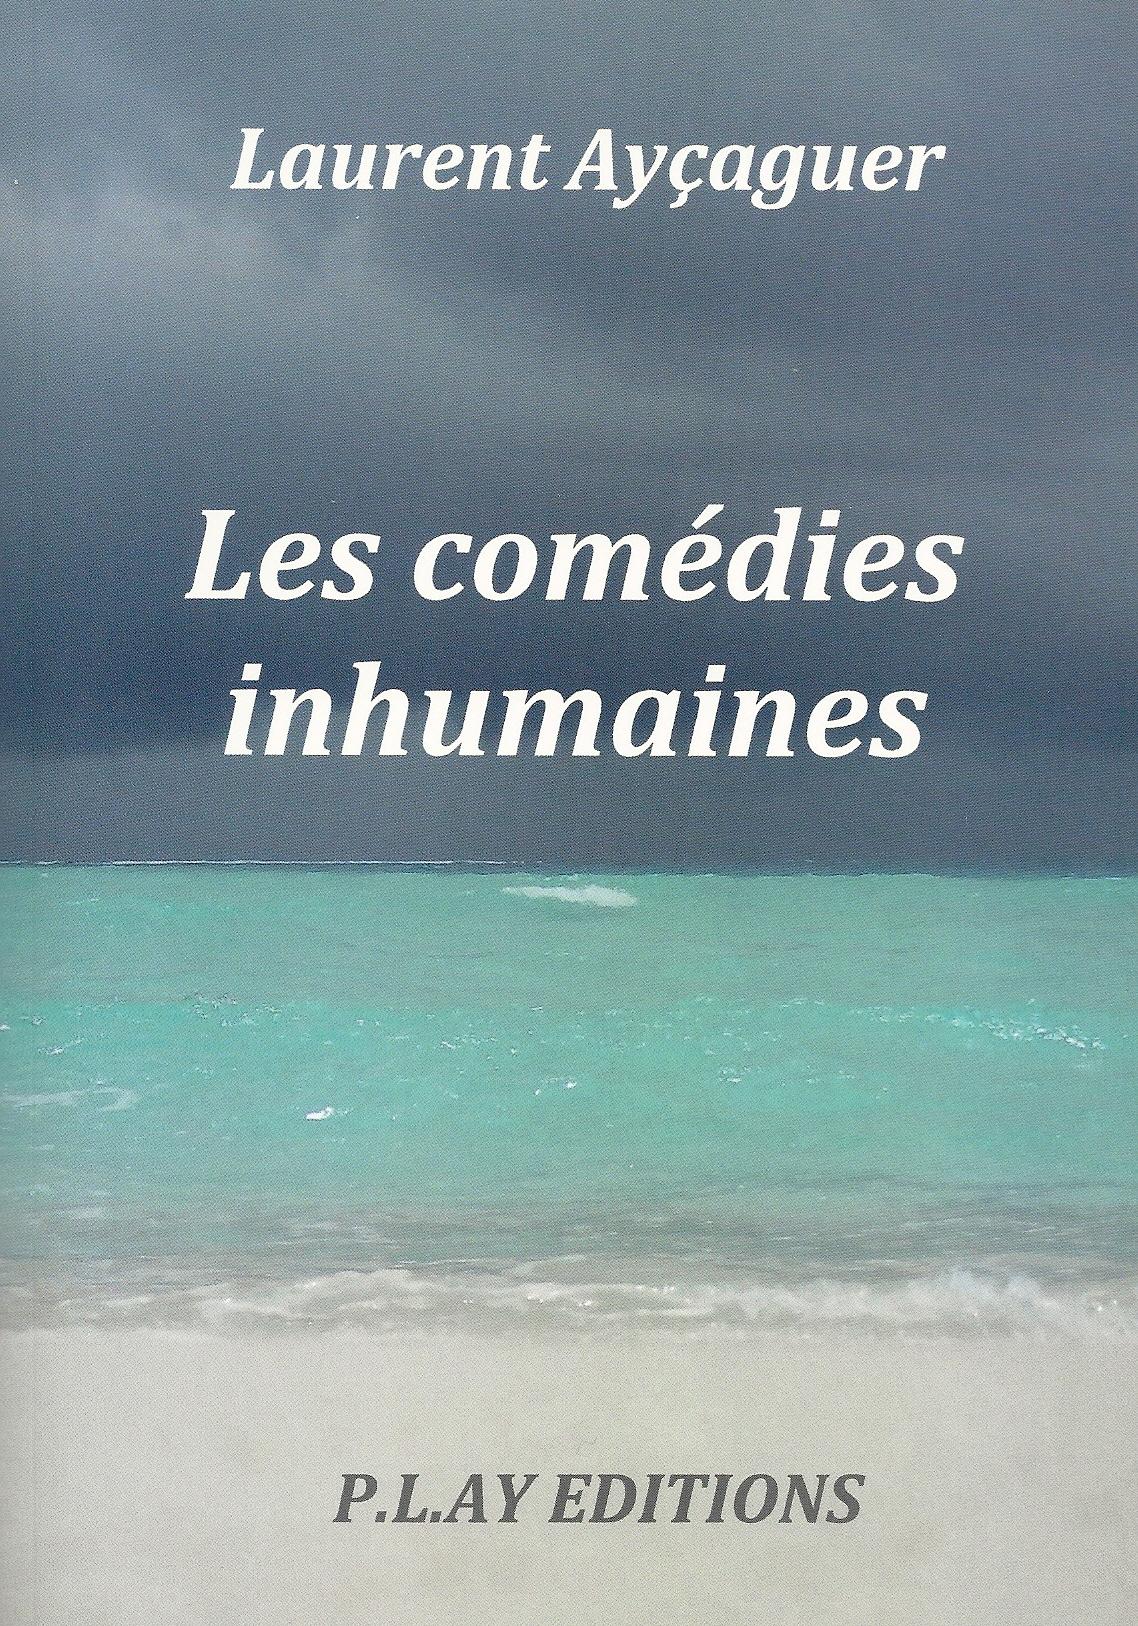 2006 Les comédies inhumaines